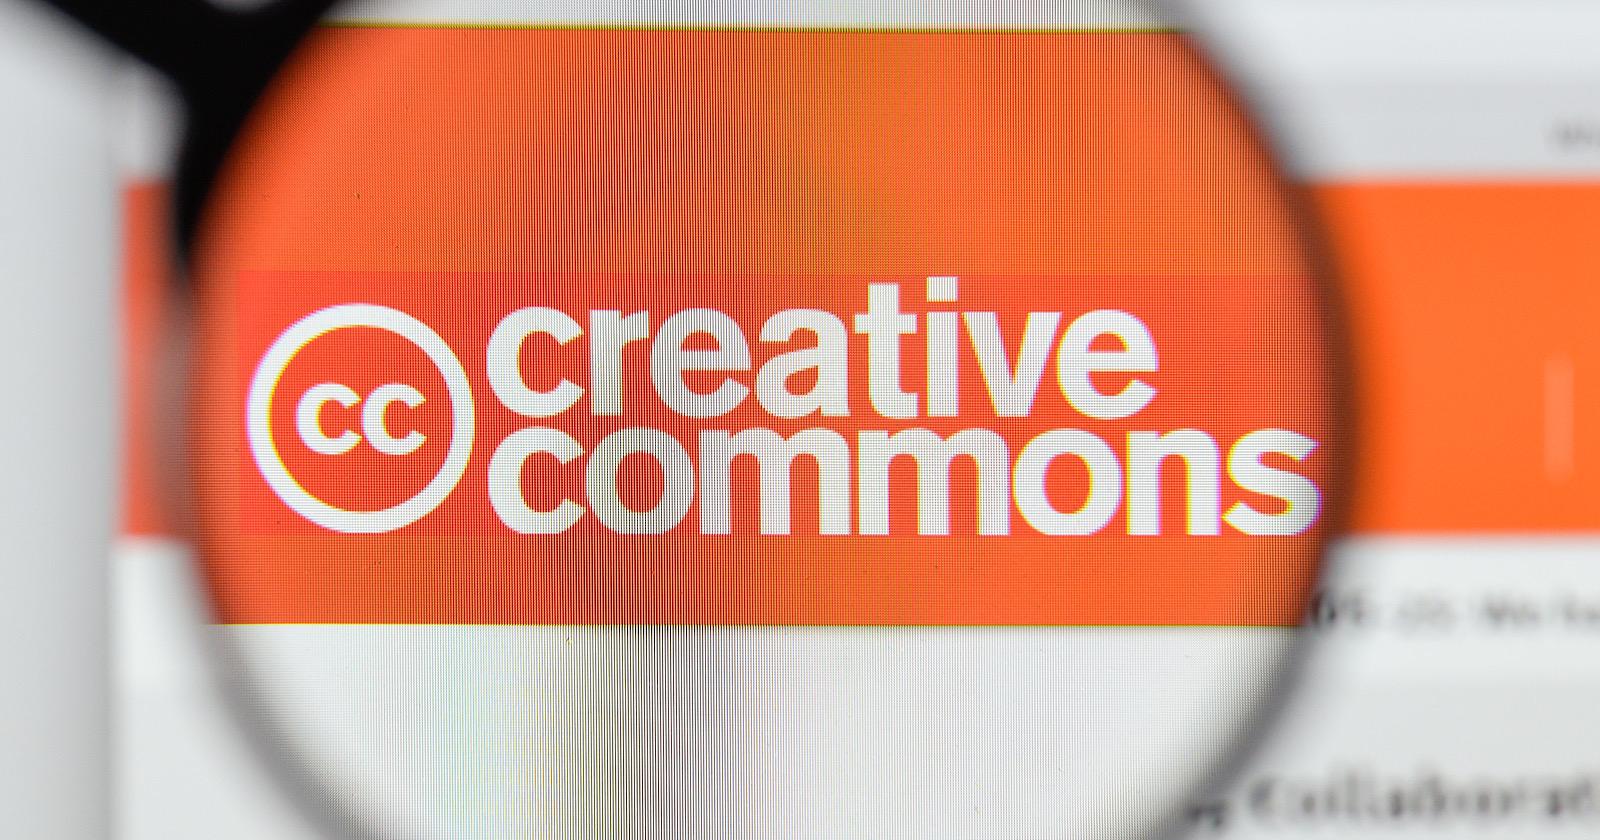 WordPress empêche le moteur de recherche Creative Commons de s'arrêter